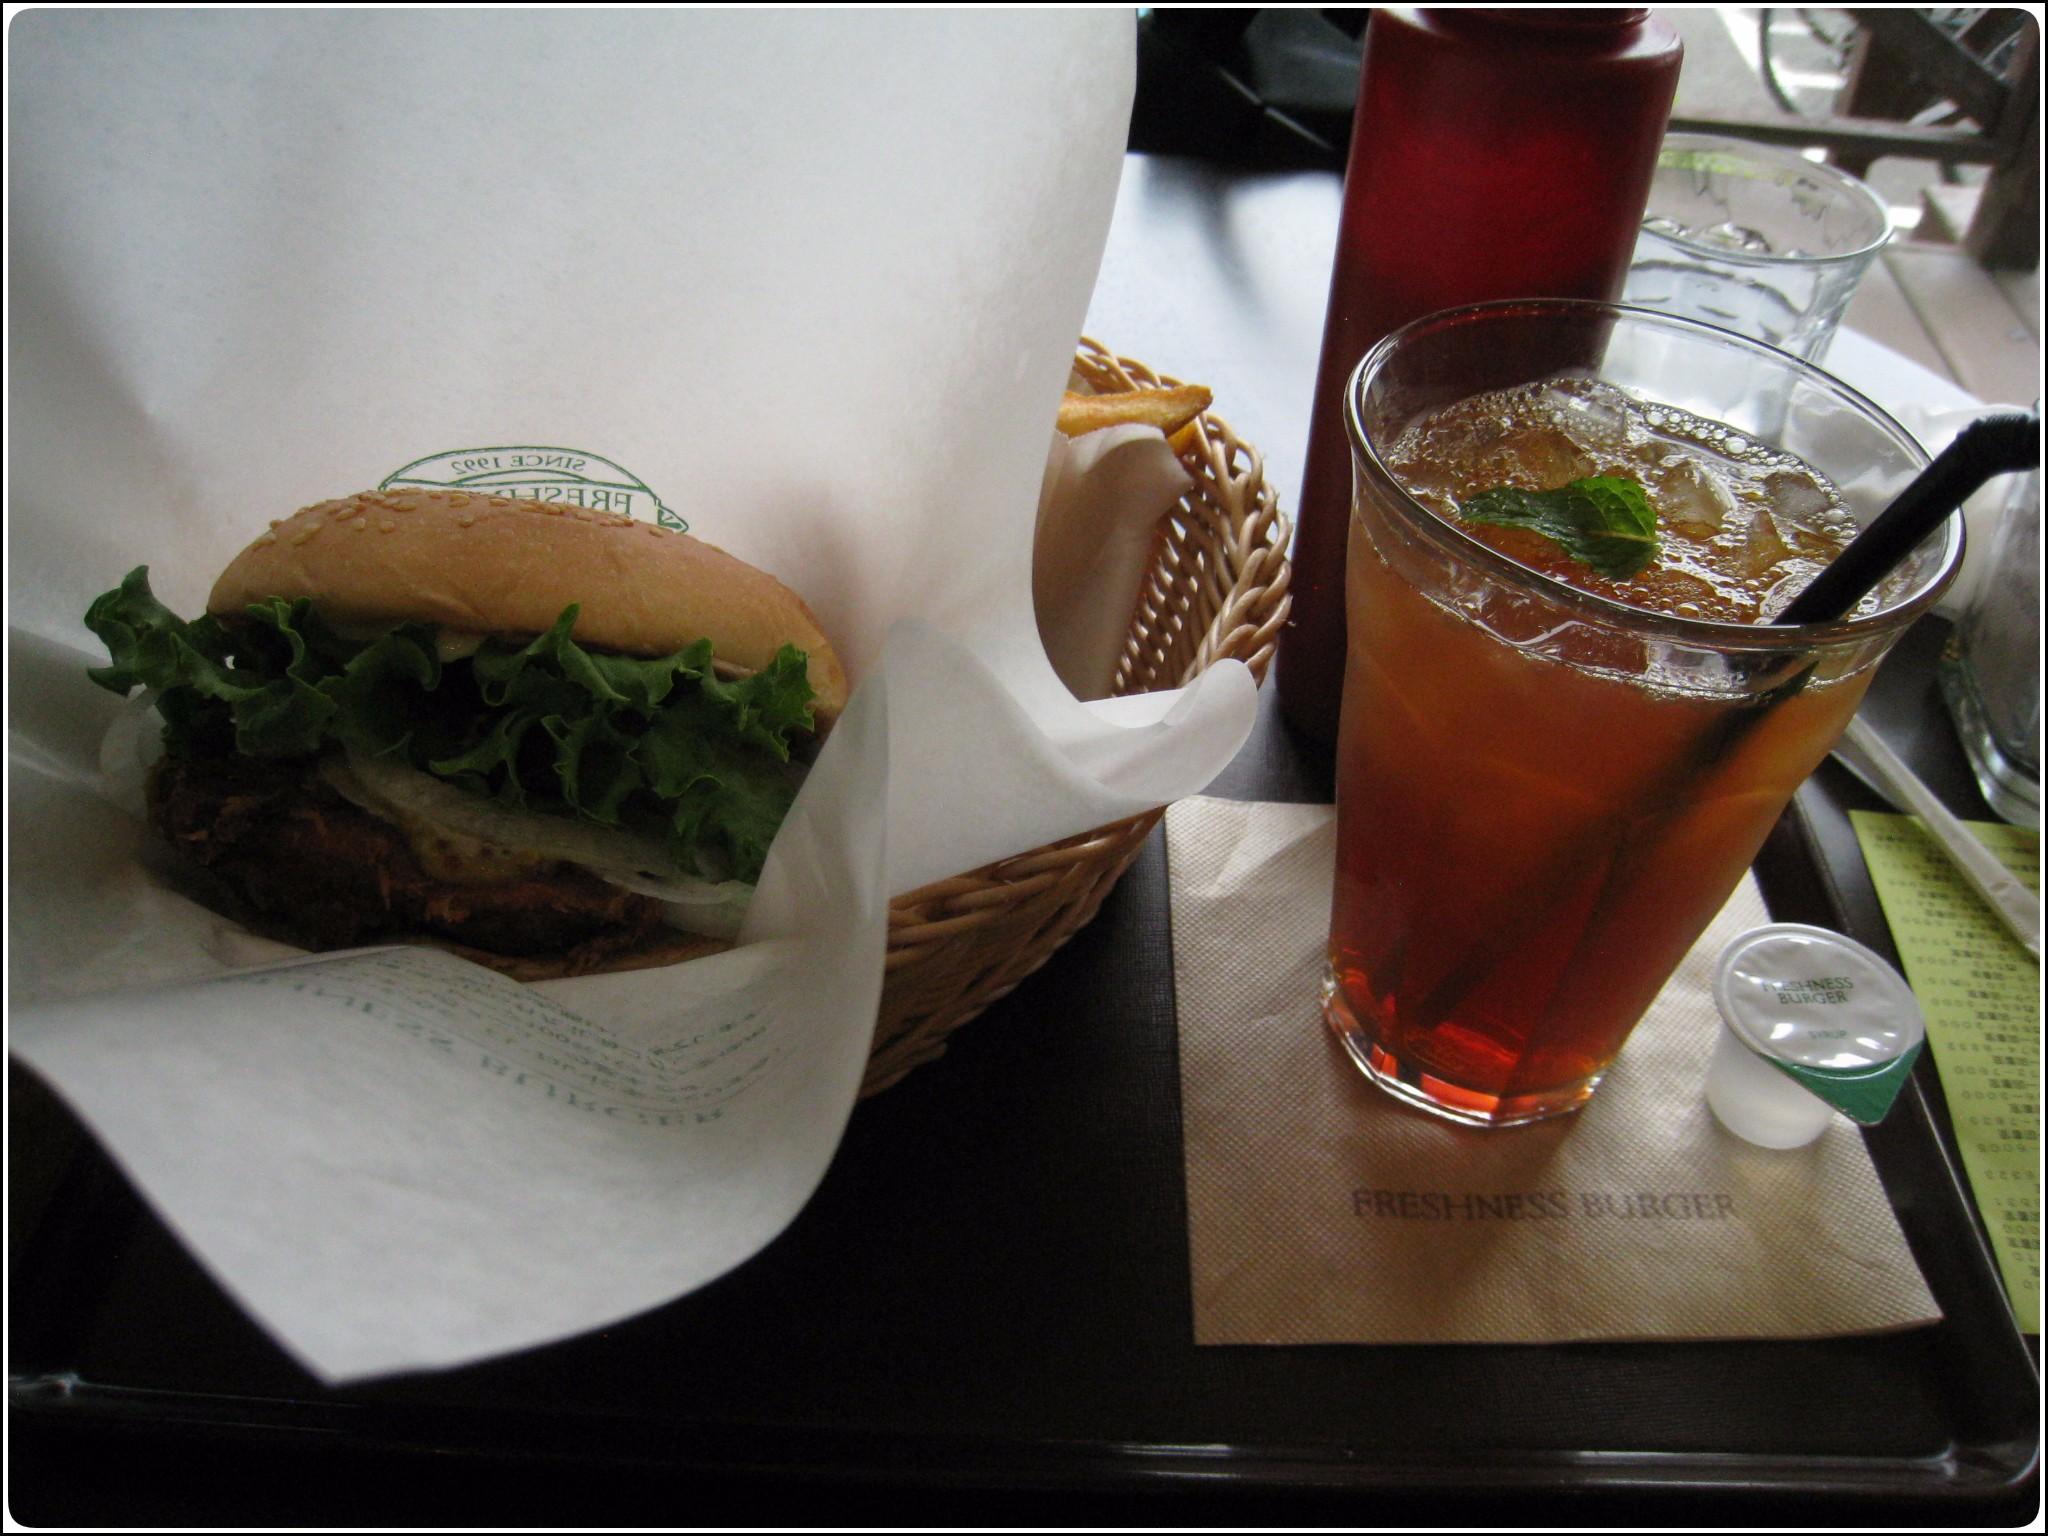 burgershop_2_723.jpg